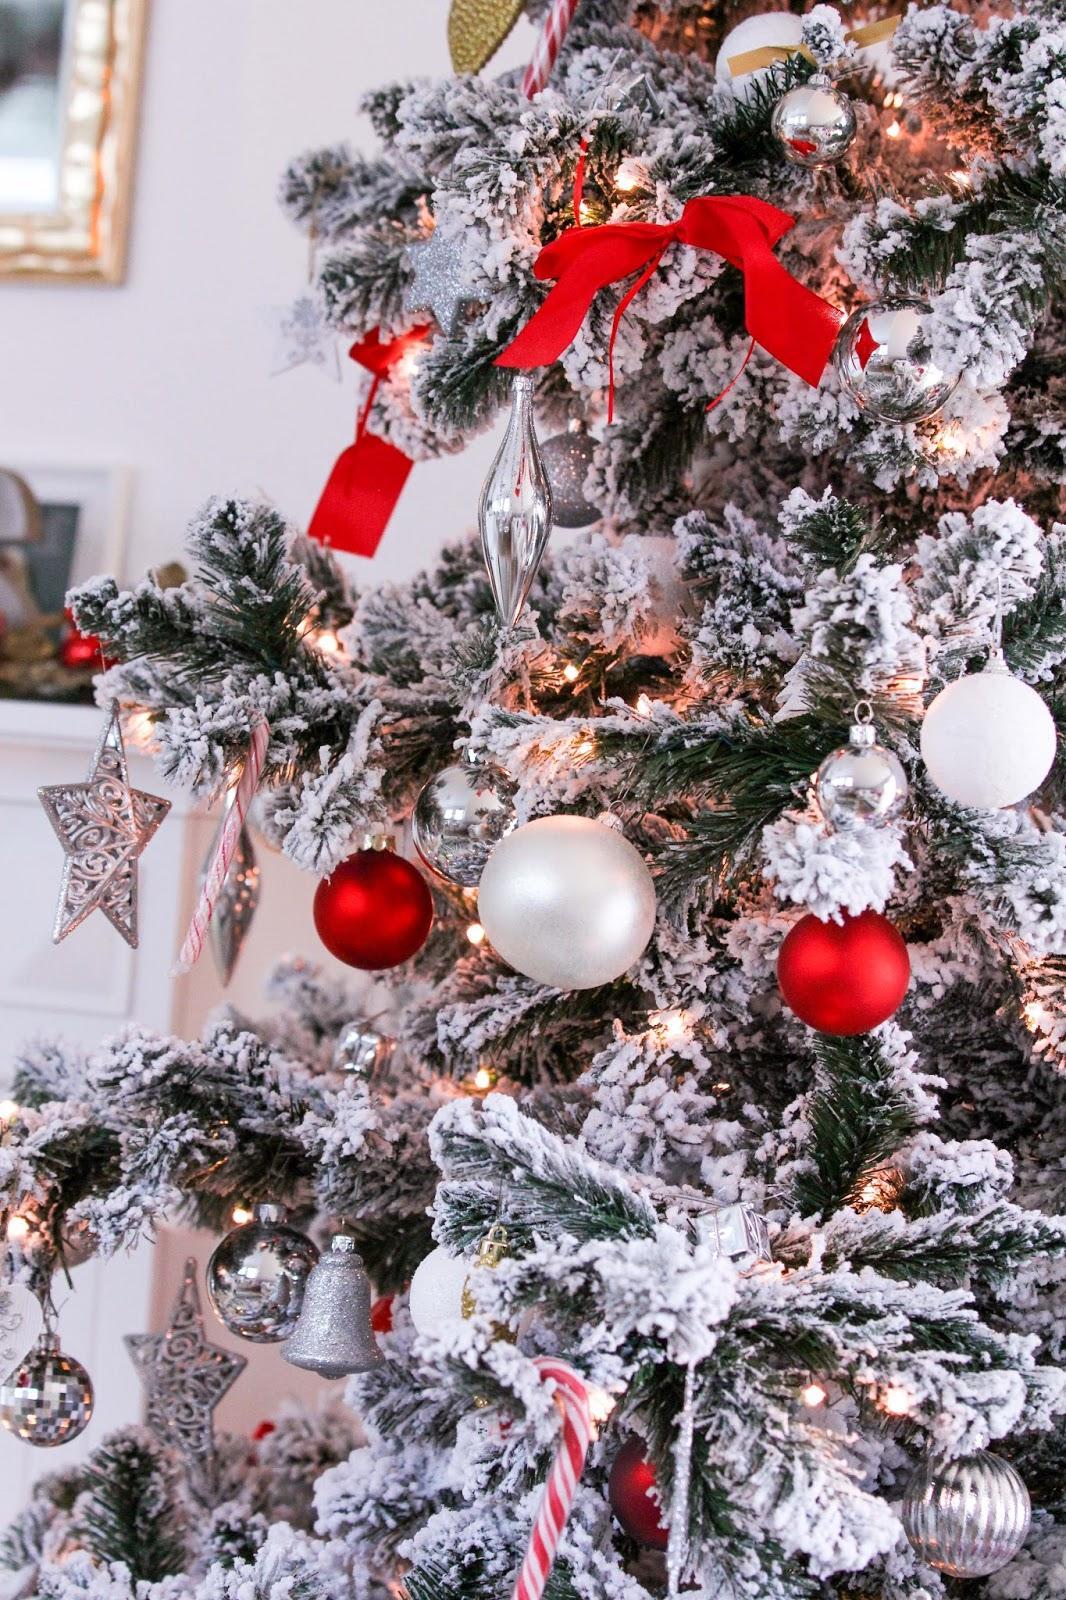 Weihnachtsbaum-Idee-Dekoration-Weihnachtsdekoration